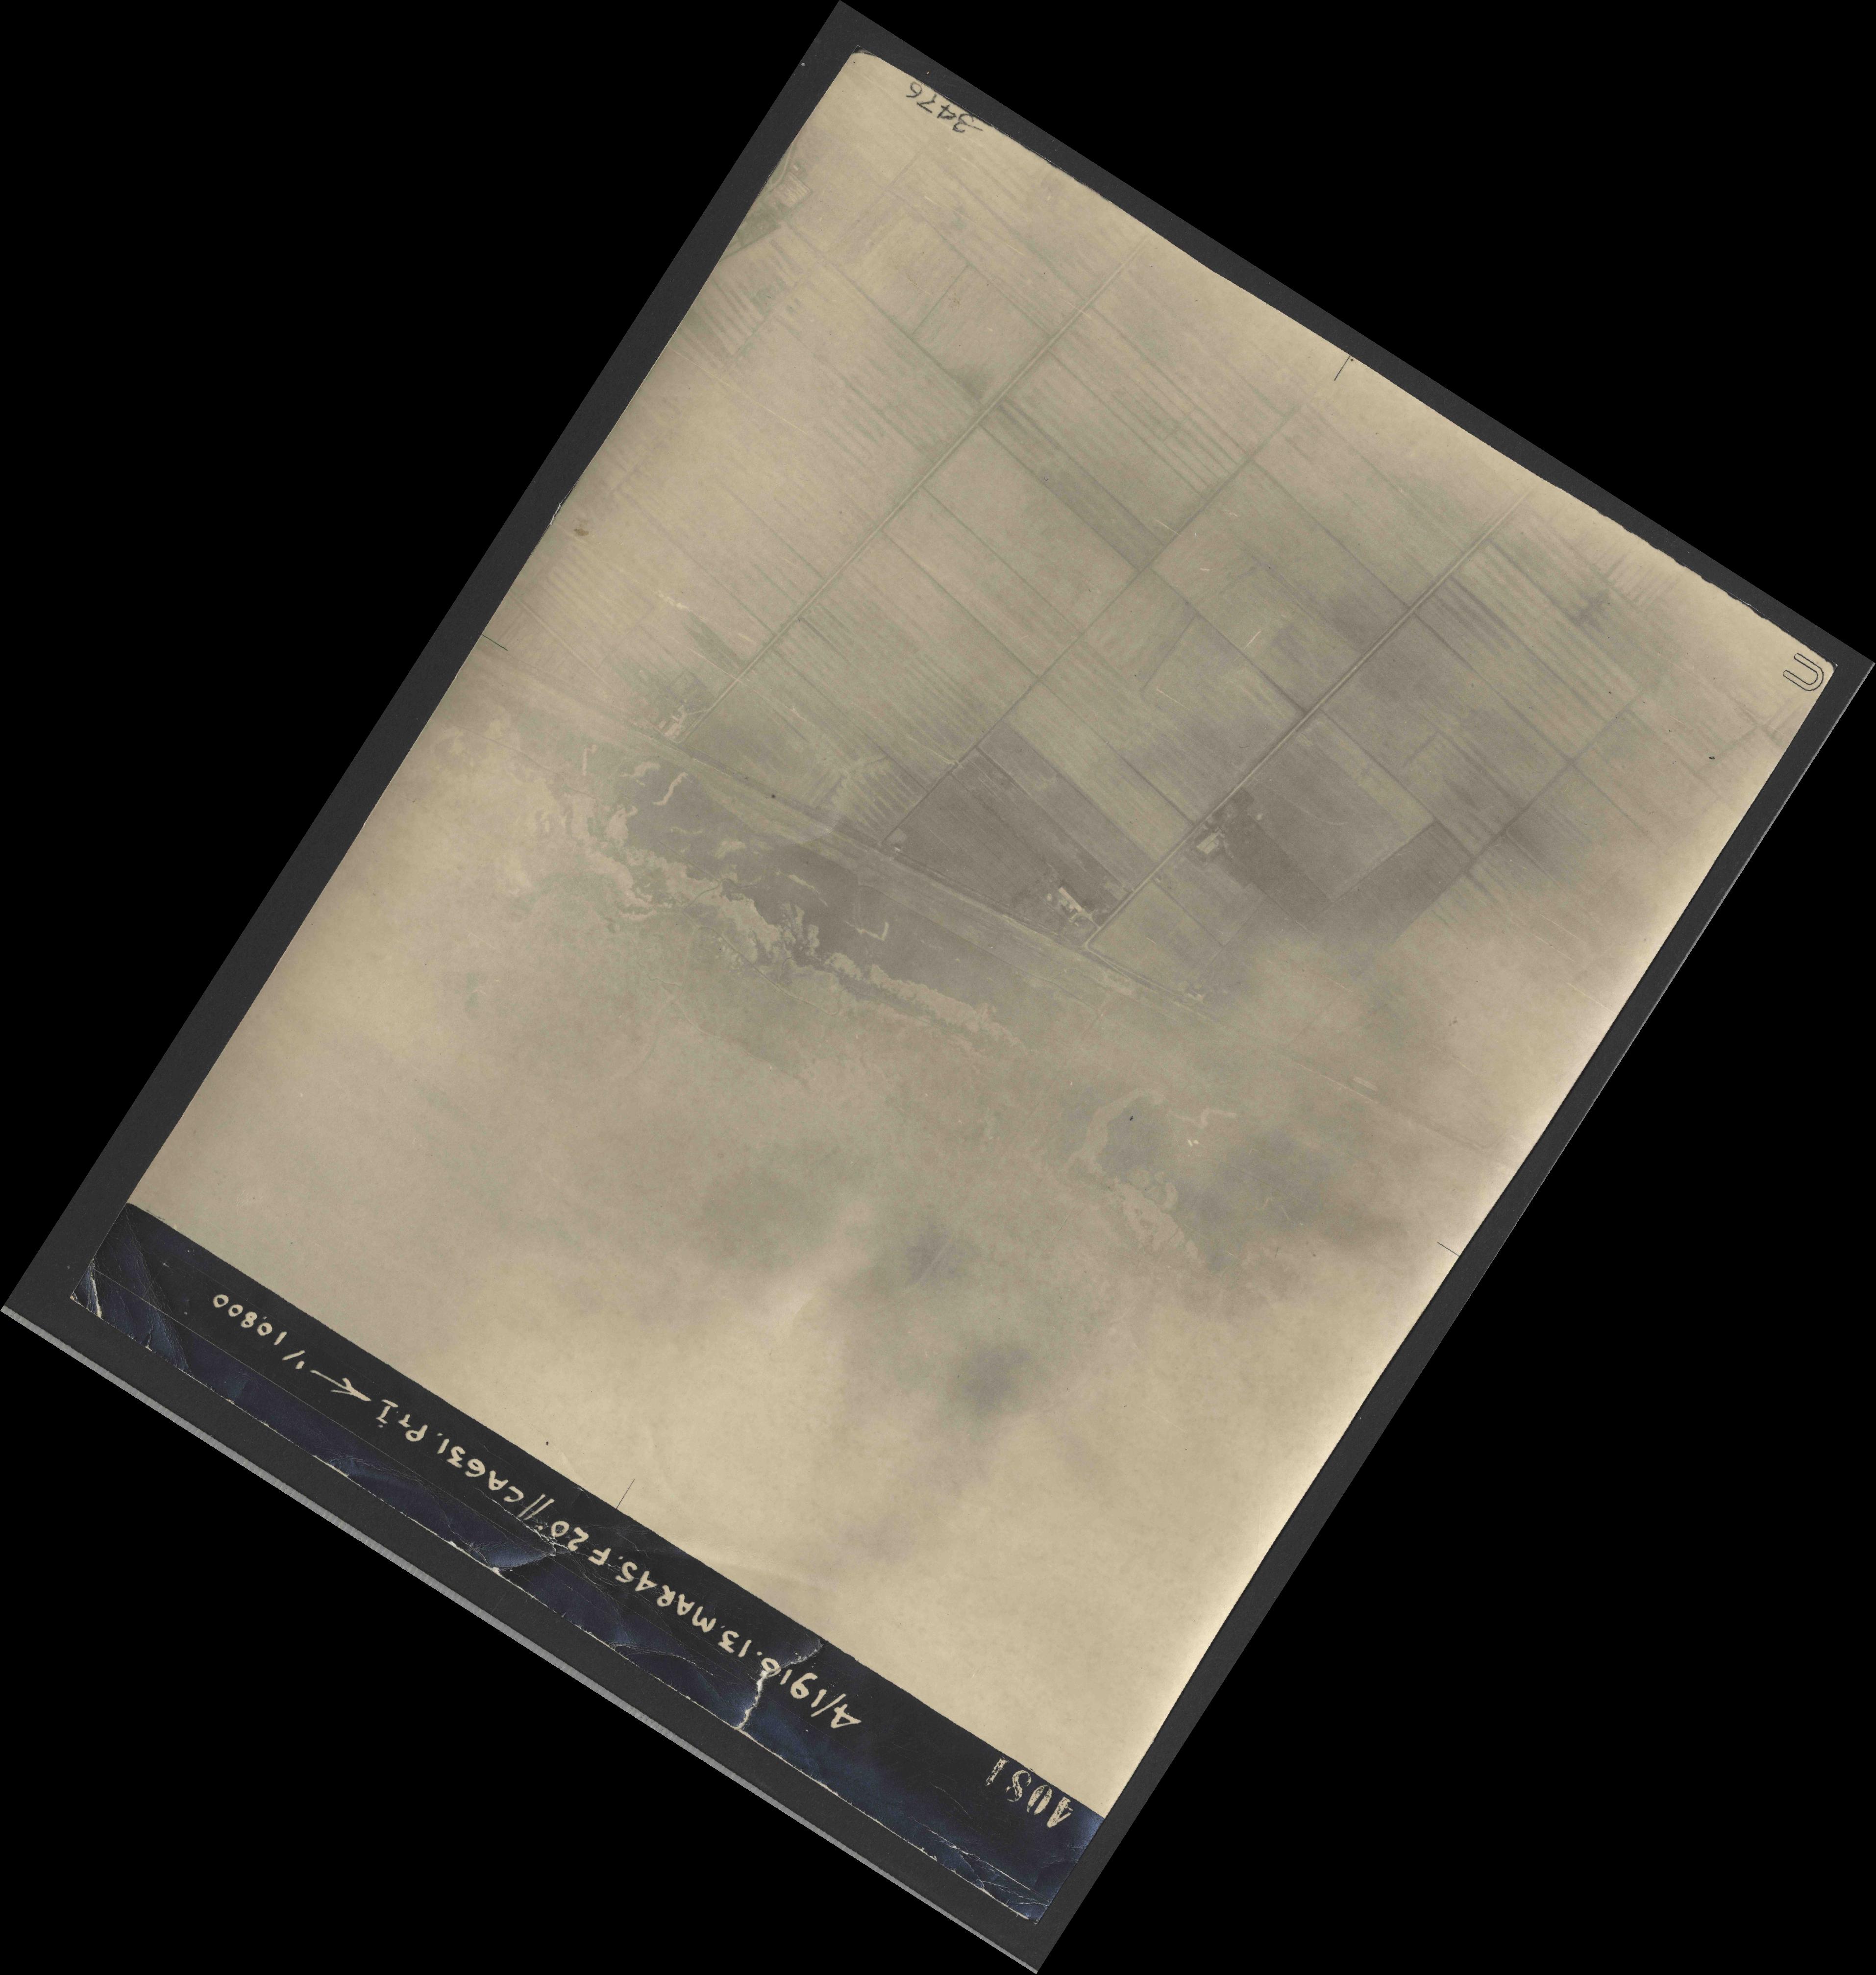 Collection RAF aerial photos 1940-1945 - flight 085, run 04, photo 4081